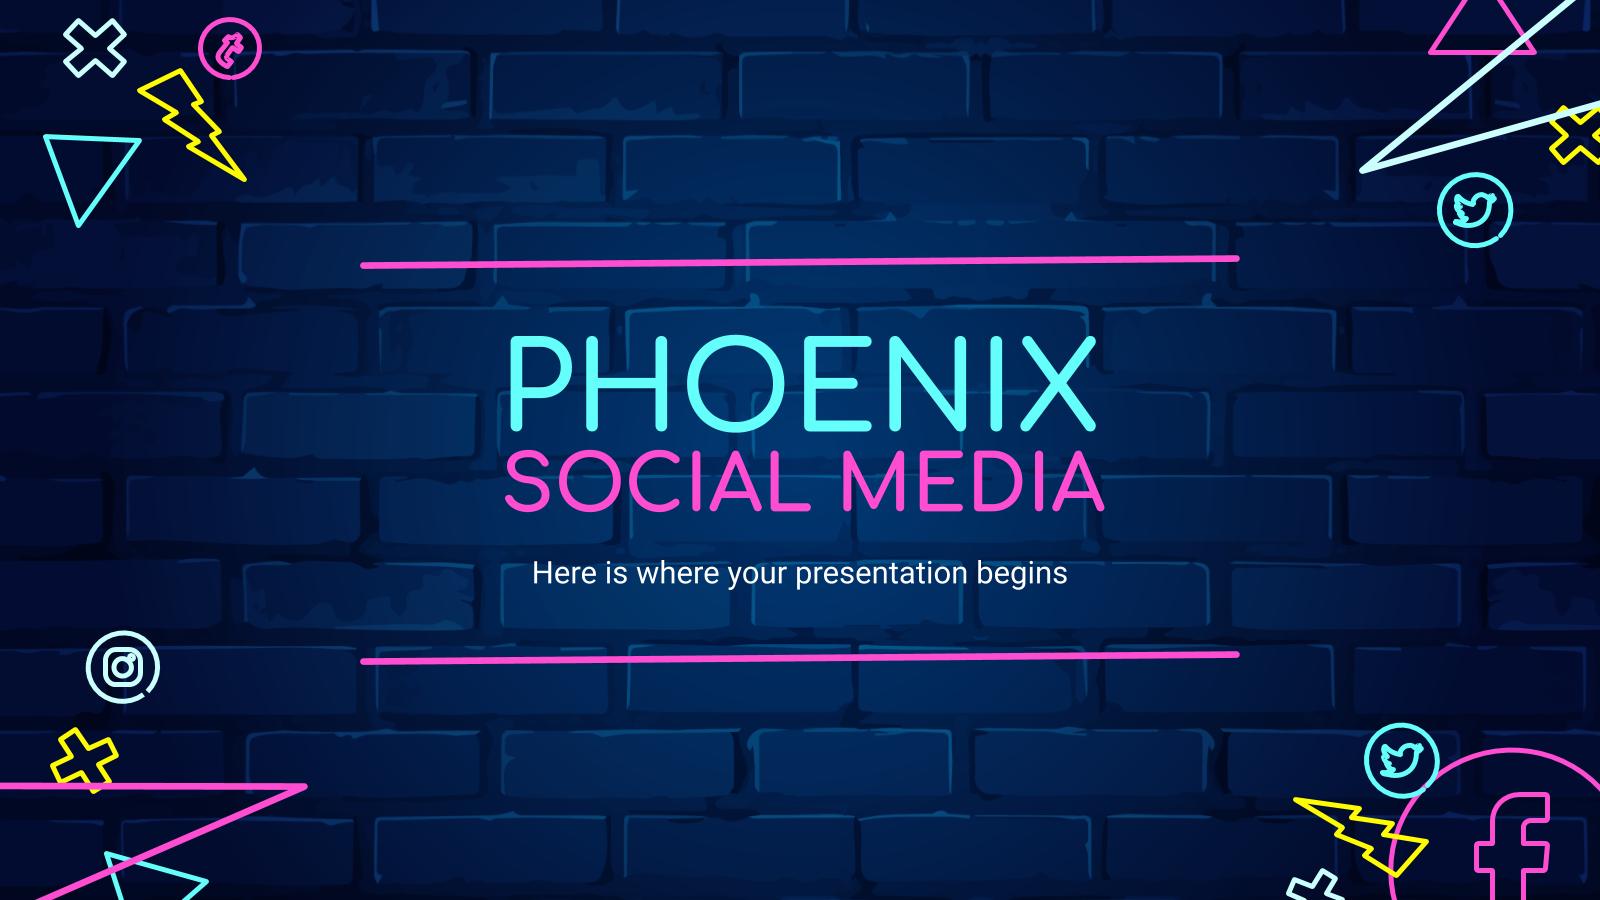 Réseaux sociaux Phonix : Modèles de présentation